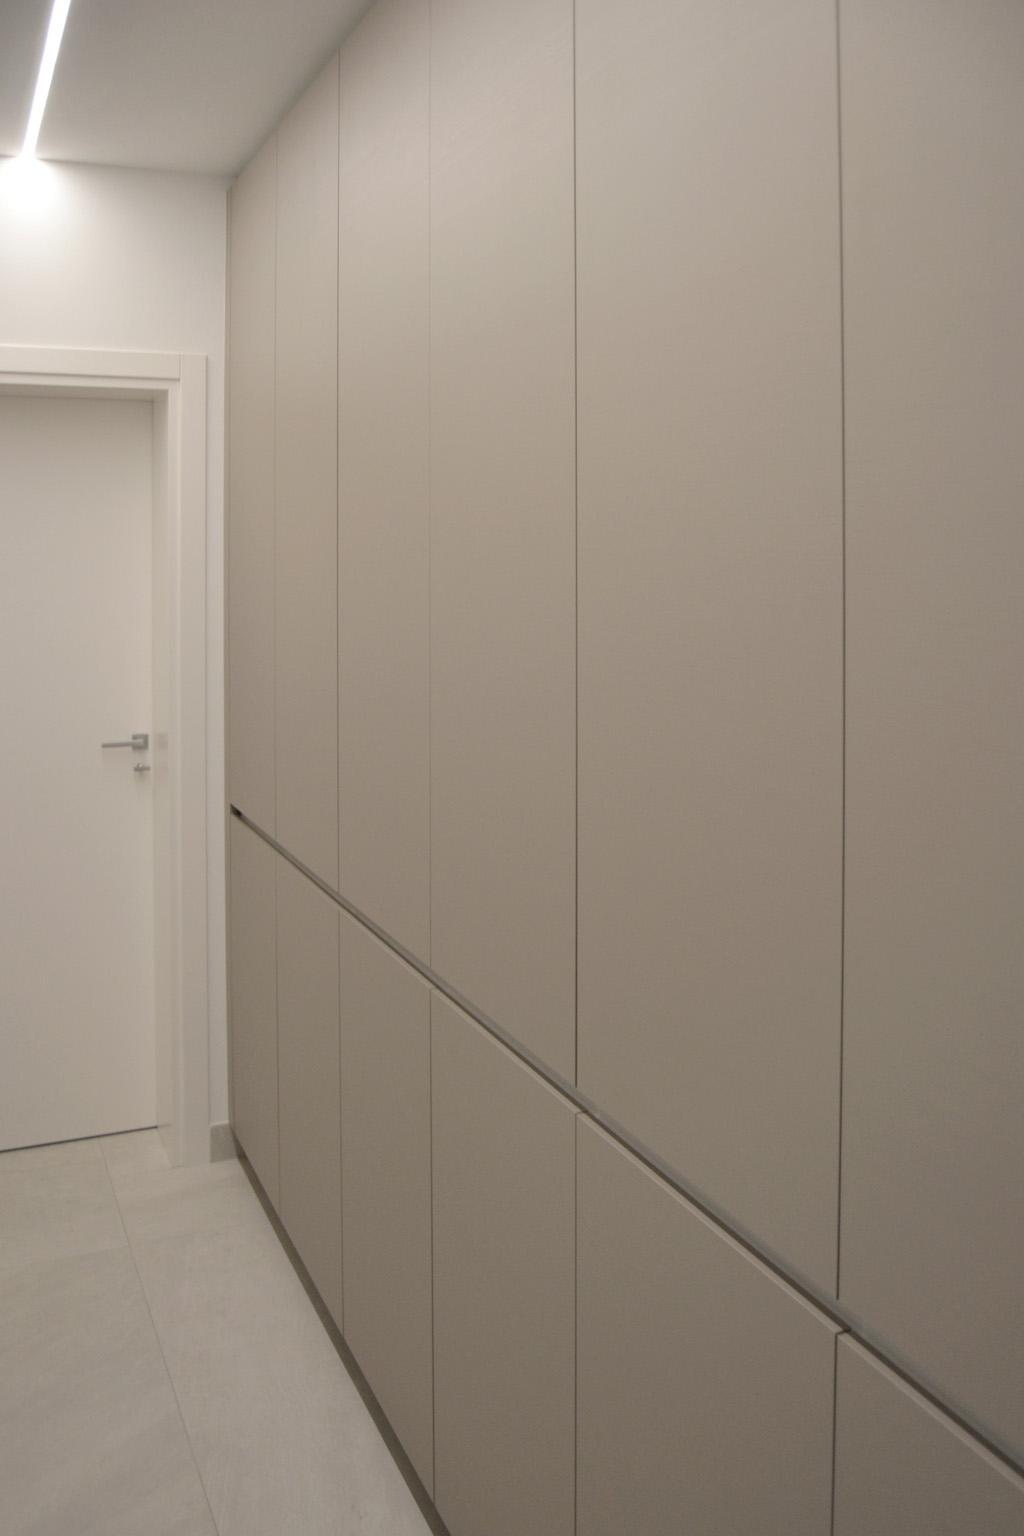 Armadio A Muro Interno armadio a parete – b studio interni